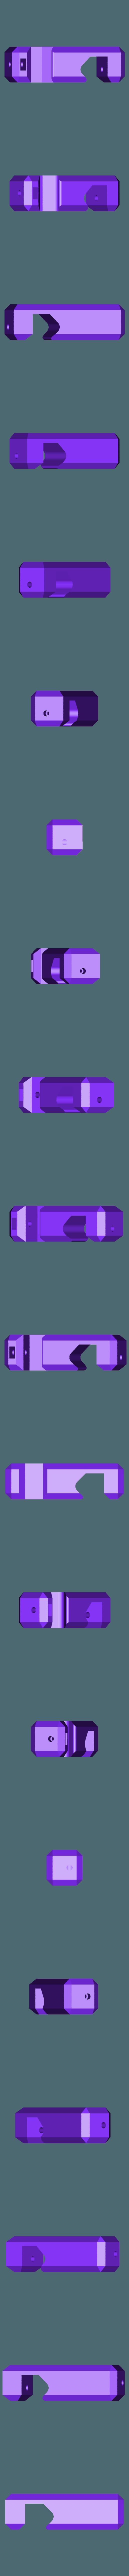 Bosshead_90_10mm.stl Télécharger fichier STL gratuit Kit de supports, de pinces et d'équipement • Modèle pour impression 3D, TinkersProjects